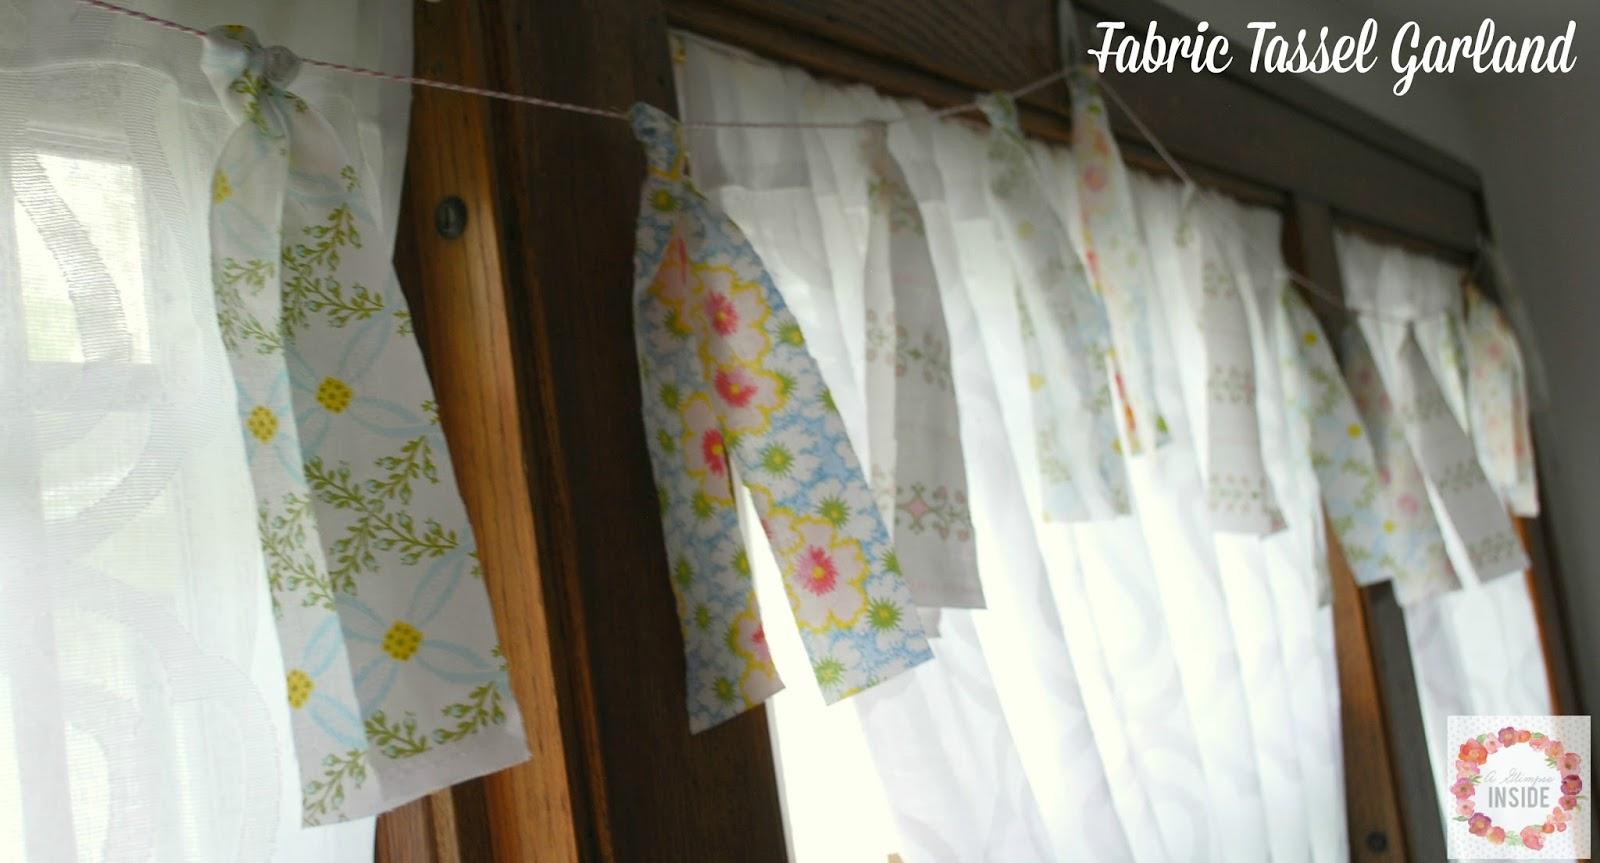 http://www.aglimpseinsideblog.com/2016/05/fabric-tassel-garland.html